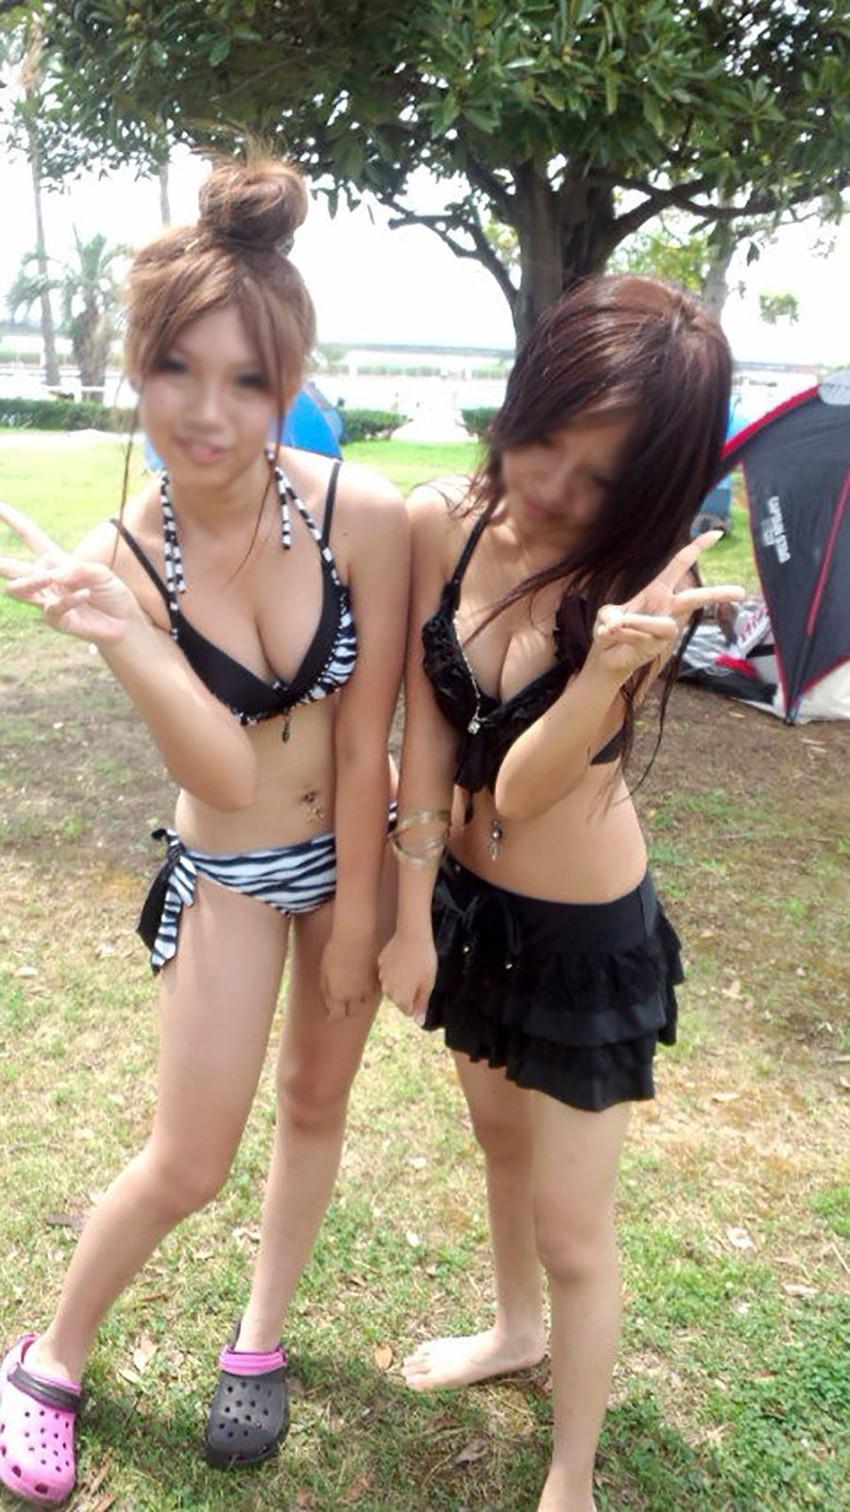 【素人水着エロ画像】素人娘たちの生々しい水着姿に勃起するやつちょっと来い! 35